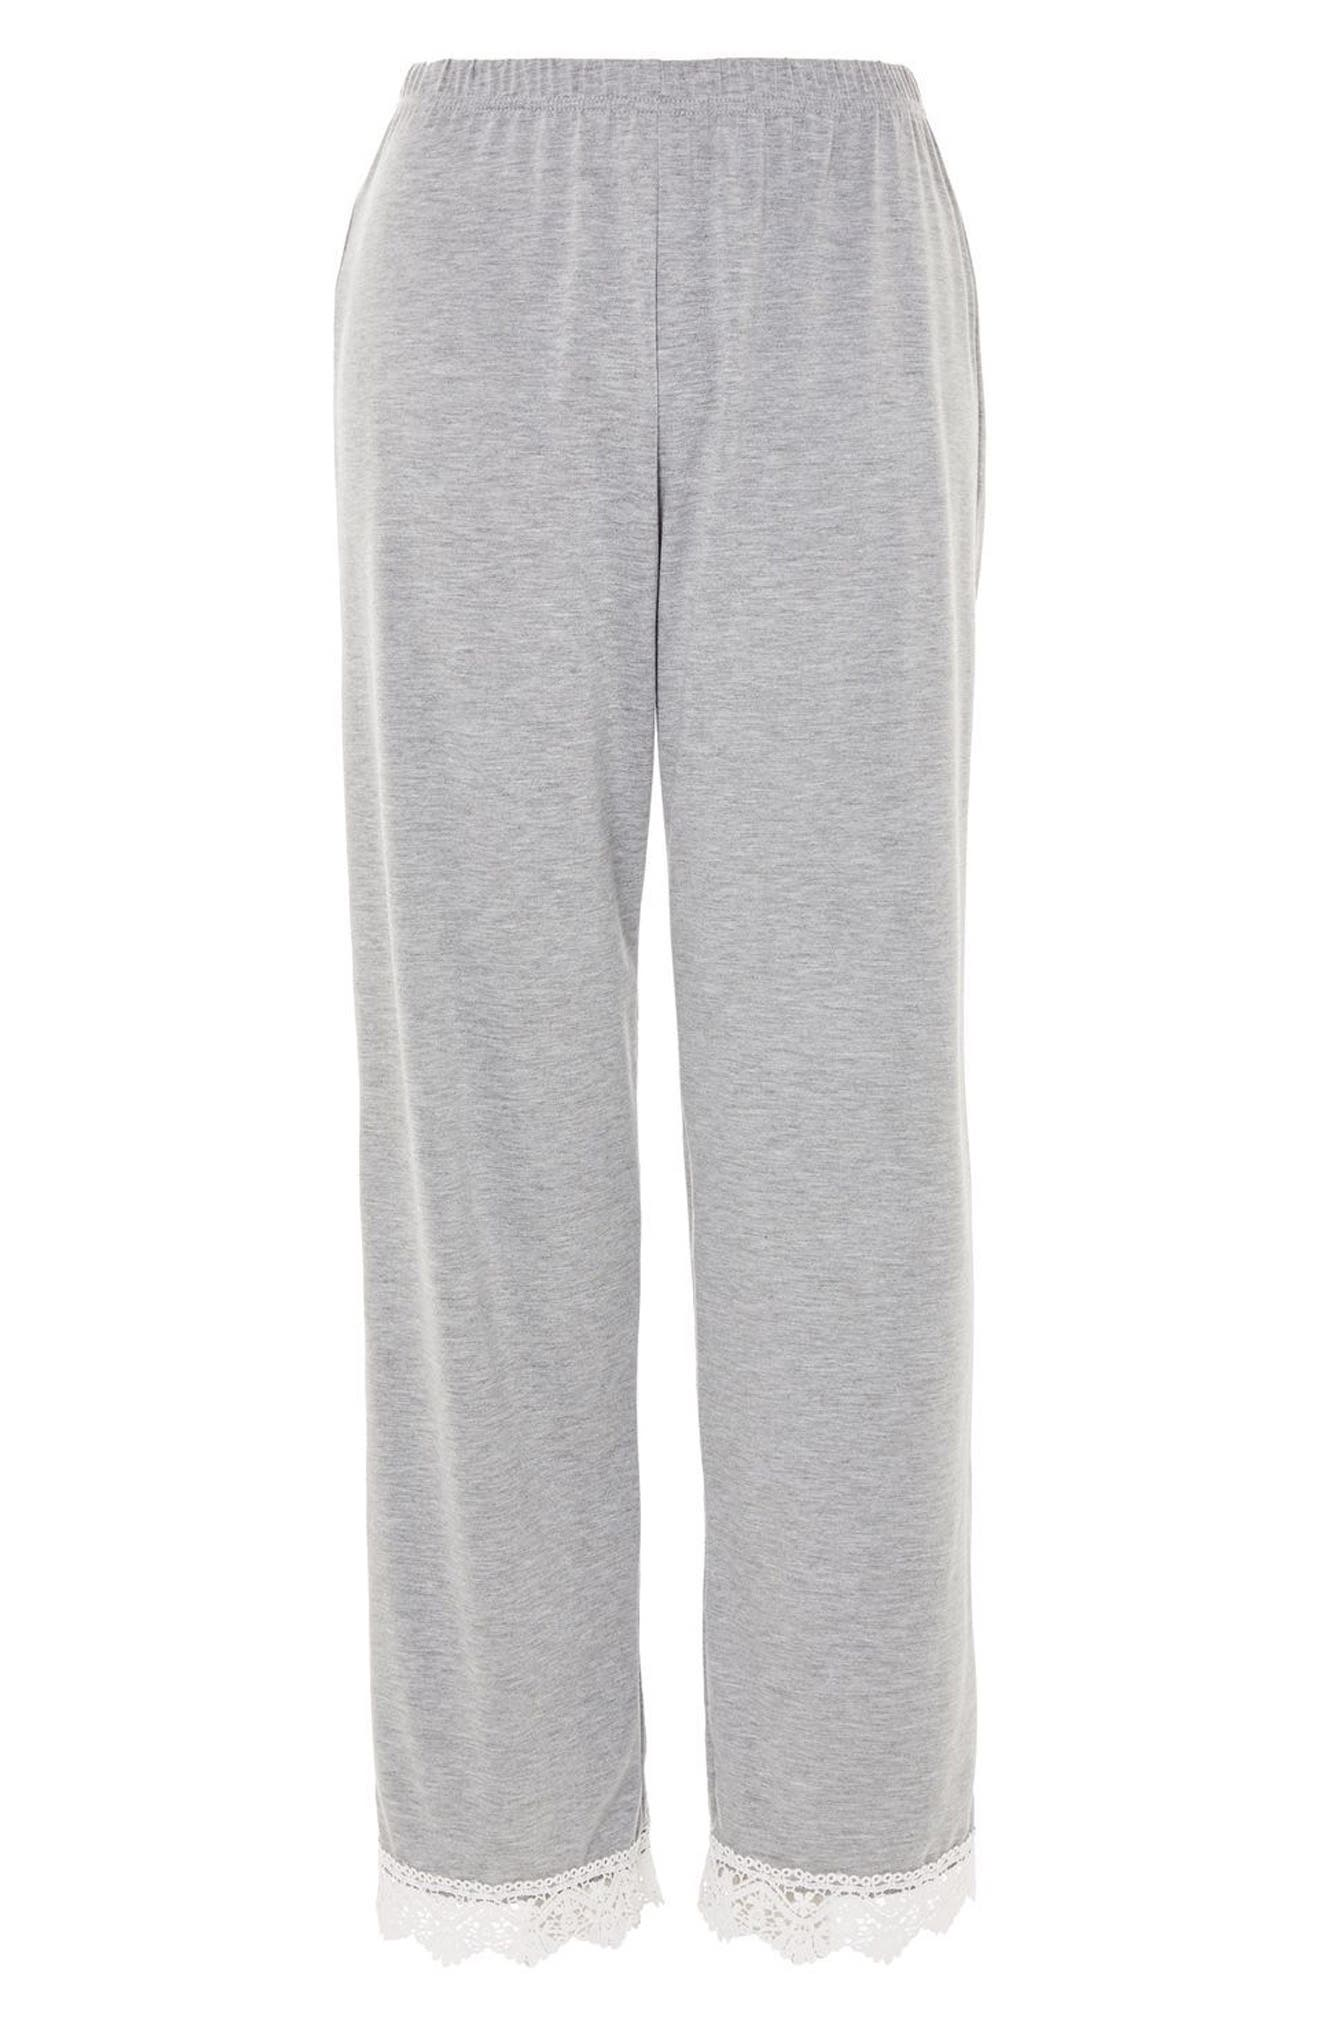 Crochet Trim Pajama Pants,                         Main,                         color, Grey Multi